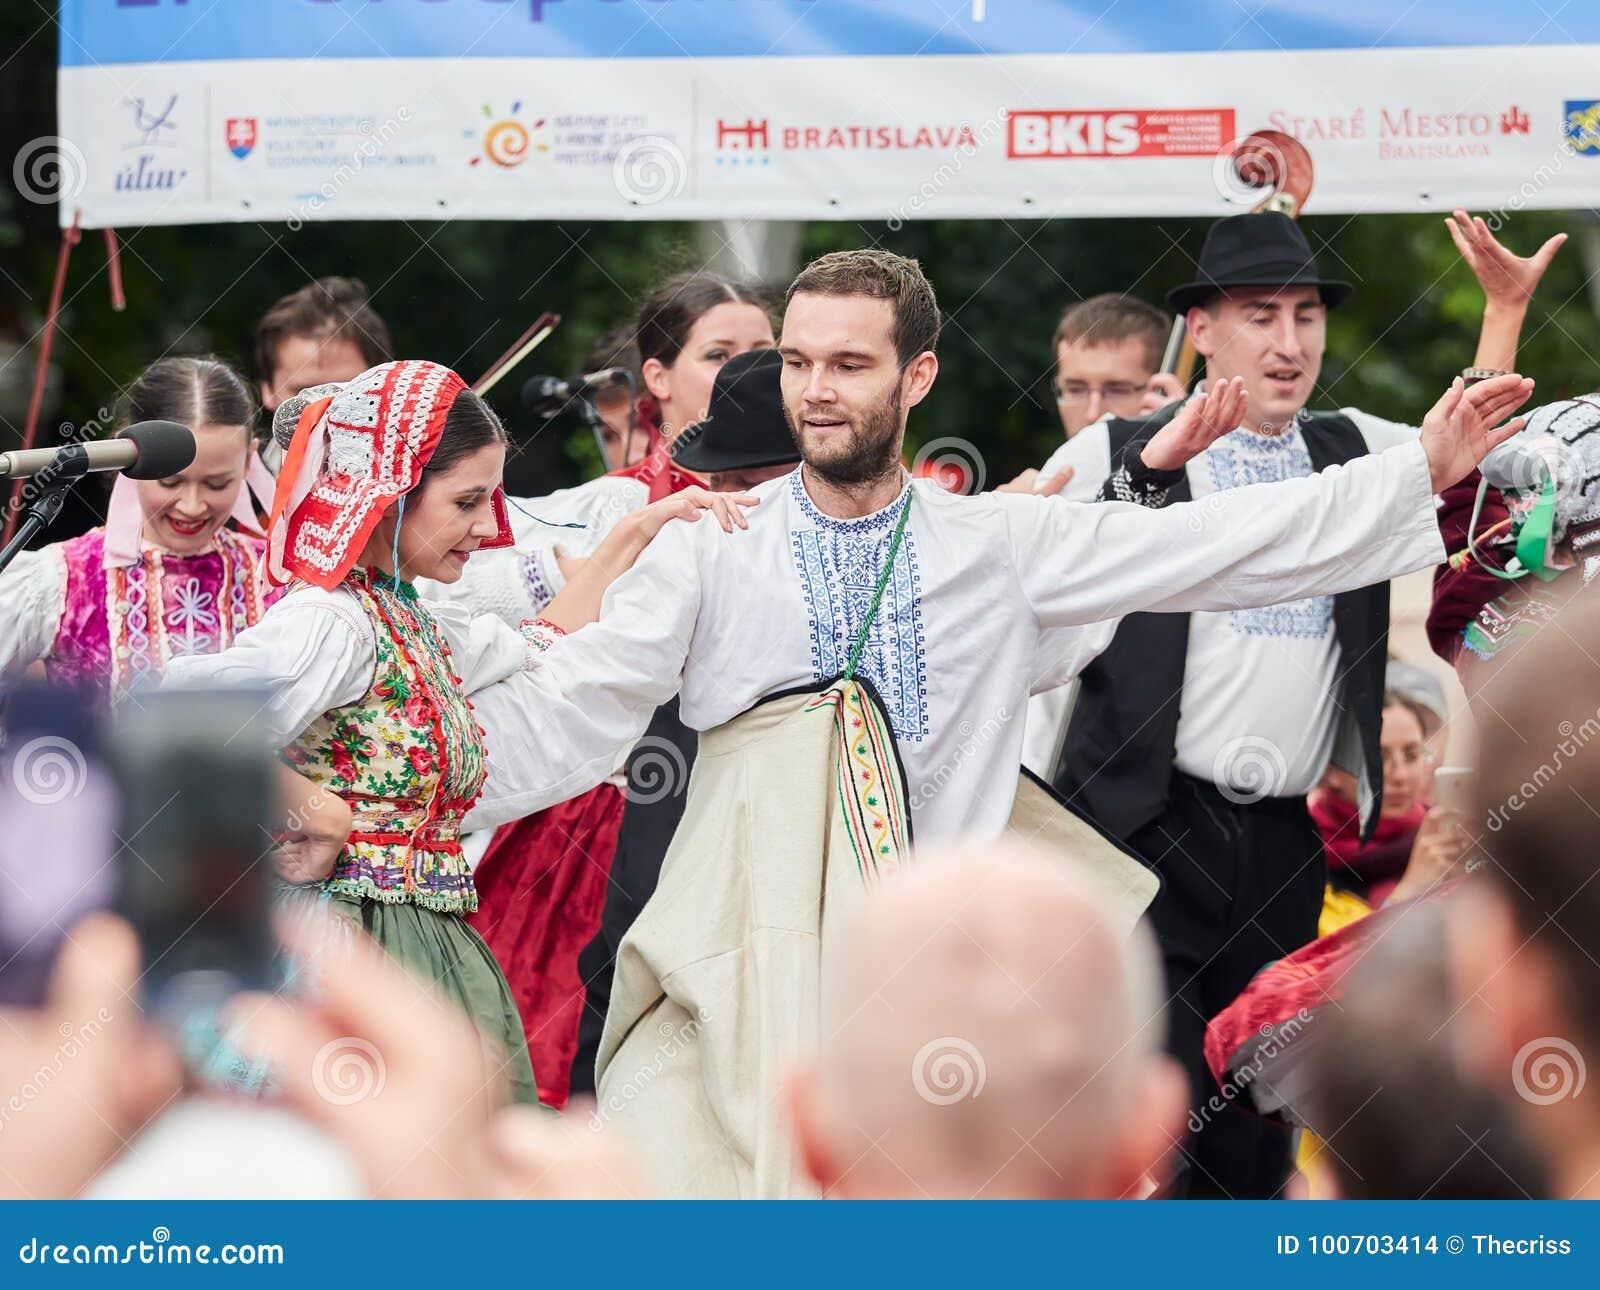 ΜΠΡΑΤΙΣΛΆΒΑ, ΣΛΟΒΑΚΙΑ - 1 ΣΕΠΤΕΜΒΡΊΟΥ 2017 Χορευτές που χορεύουν στα παραδοσιακά σλοβάκικα ενδύματα στη Μπρατισλάβα, Σλοβακία